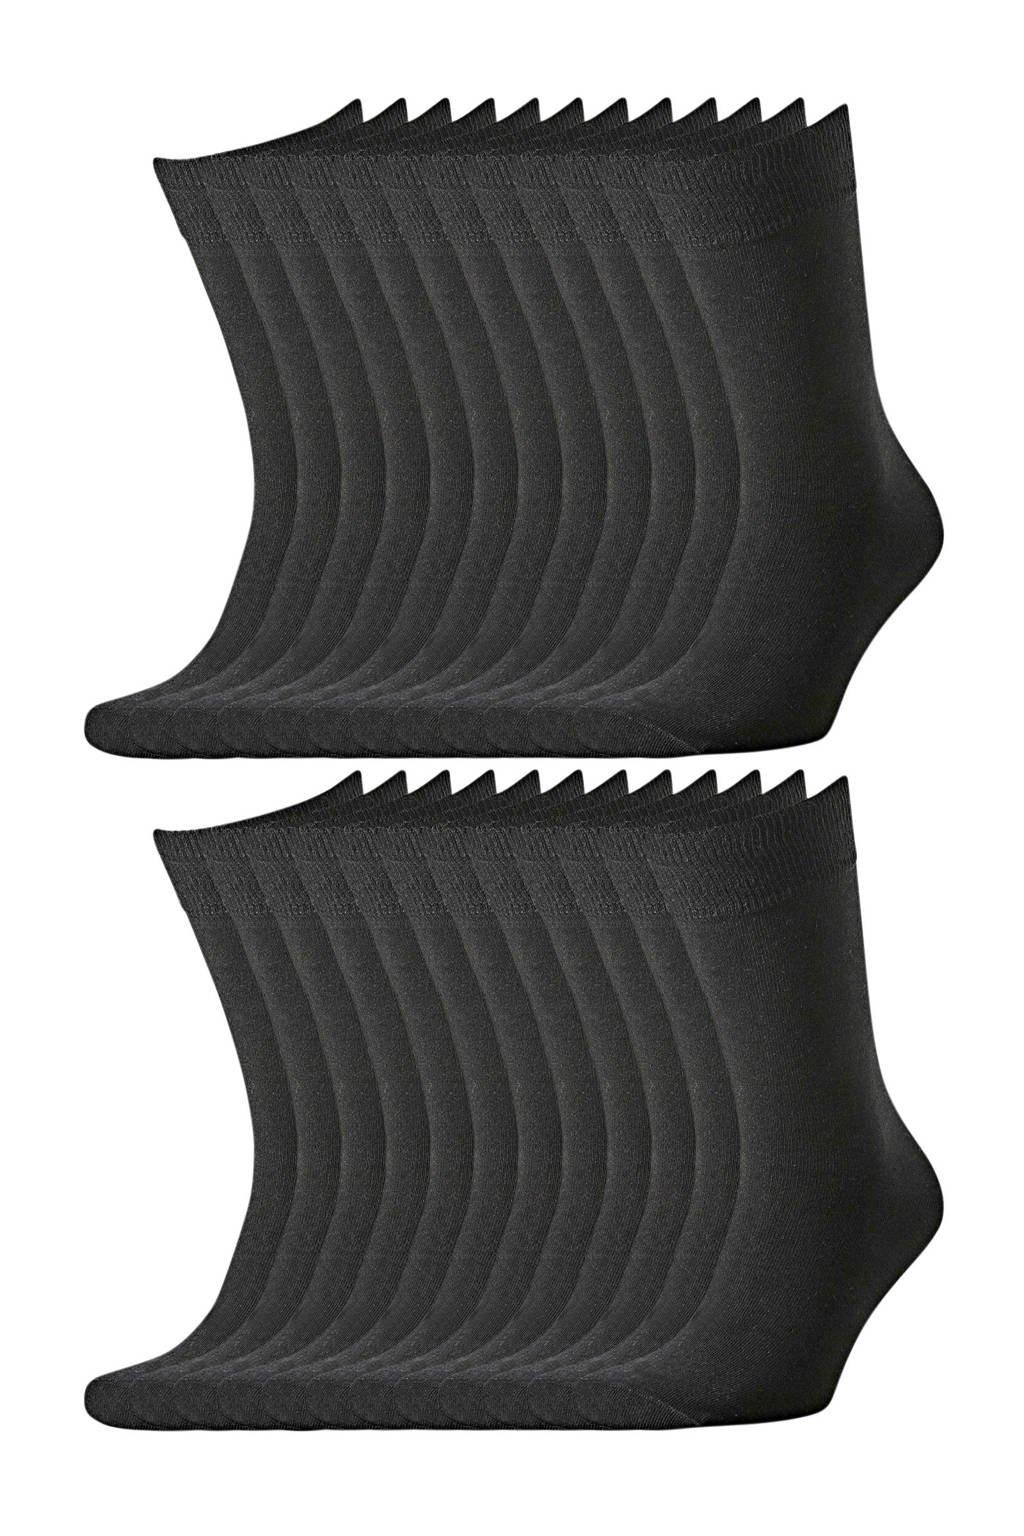 C&A Legwear sokken - set van 20 zwart, Zwart